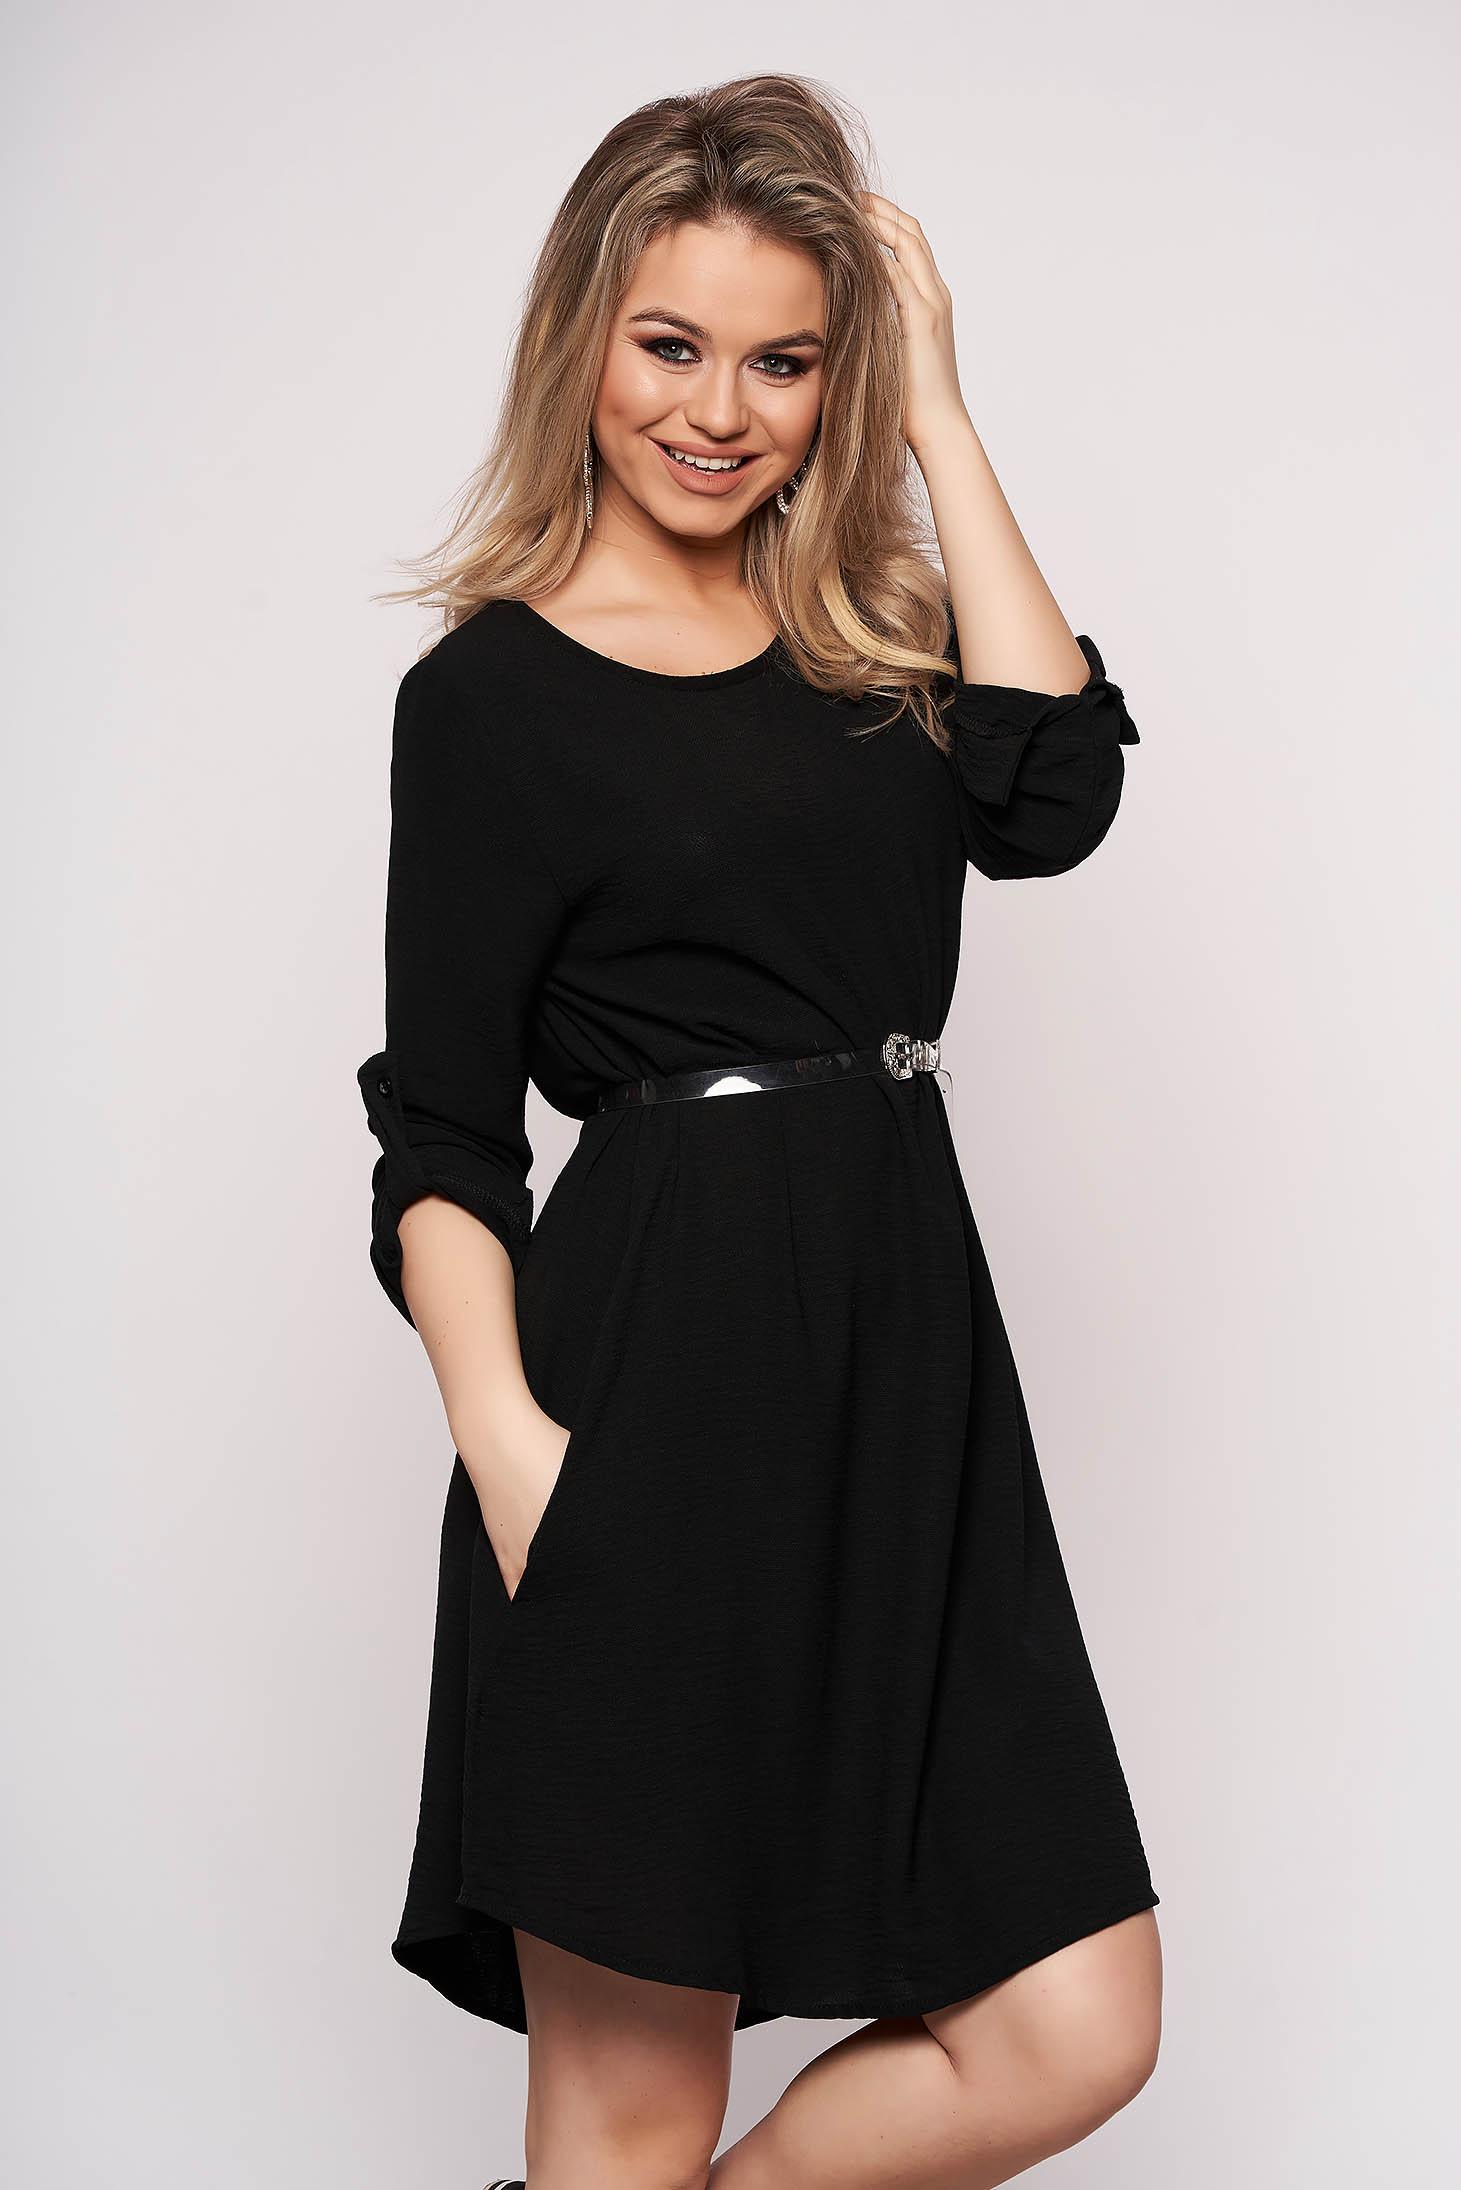 Fekete casual bő szabású aszimetrikus ruha öv típusú kiegészítővel háromnegyedes ujjakkal